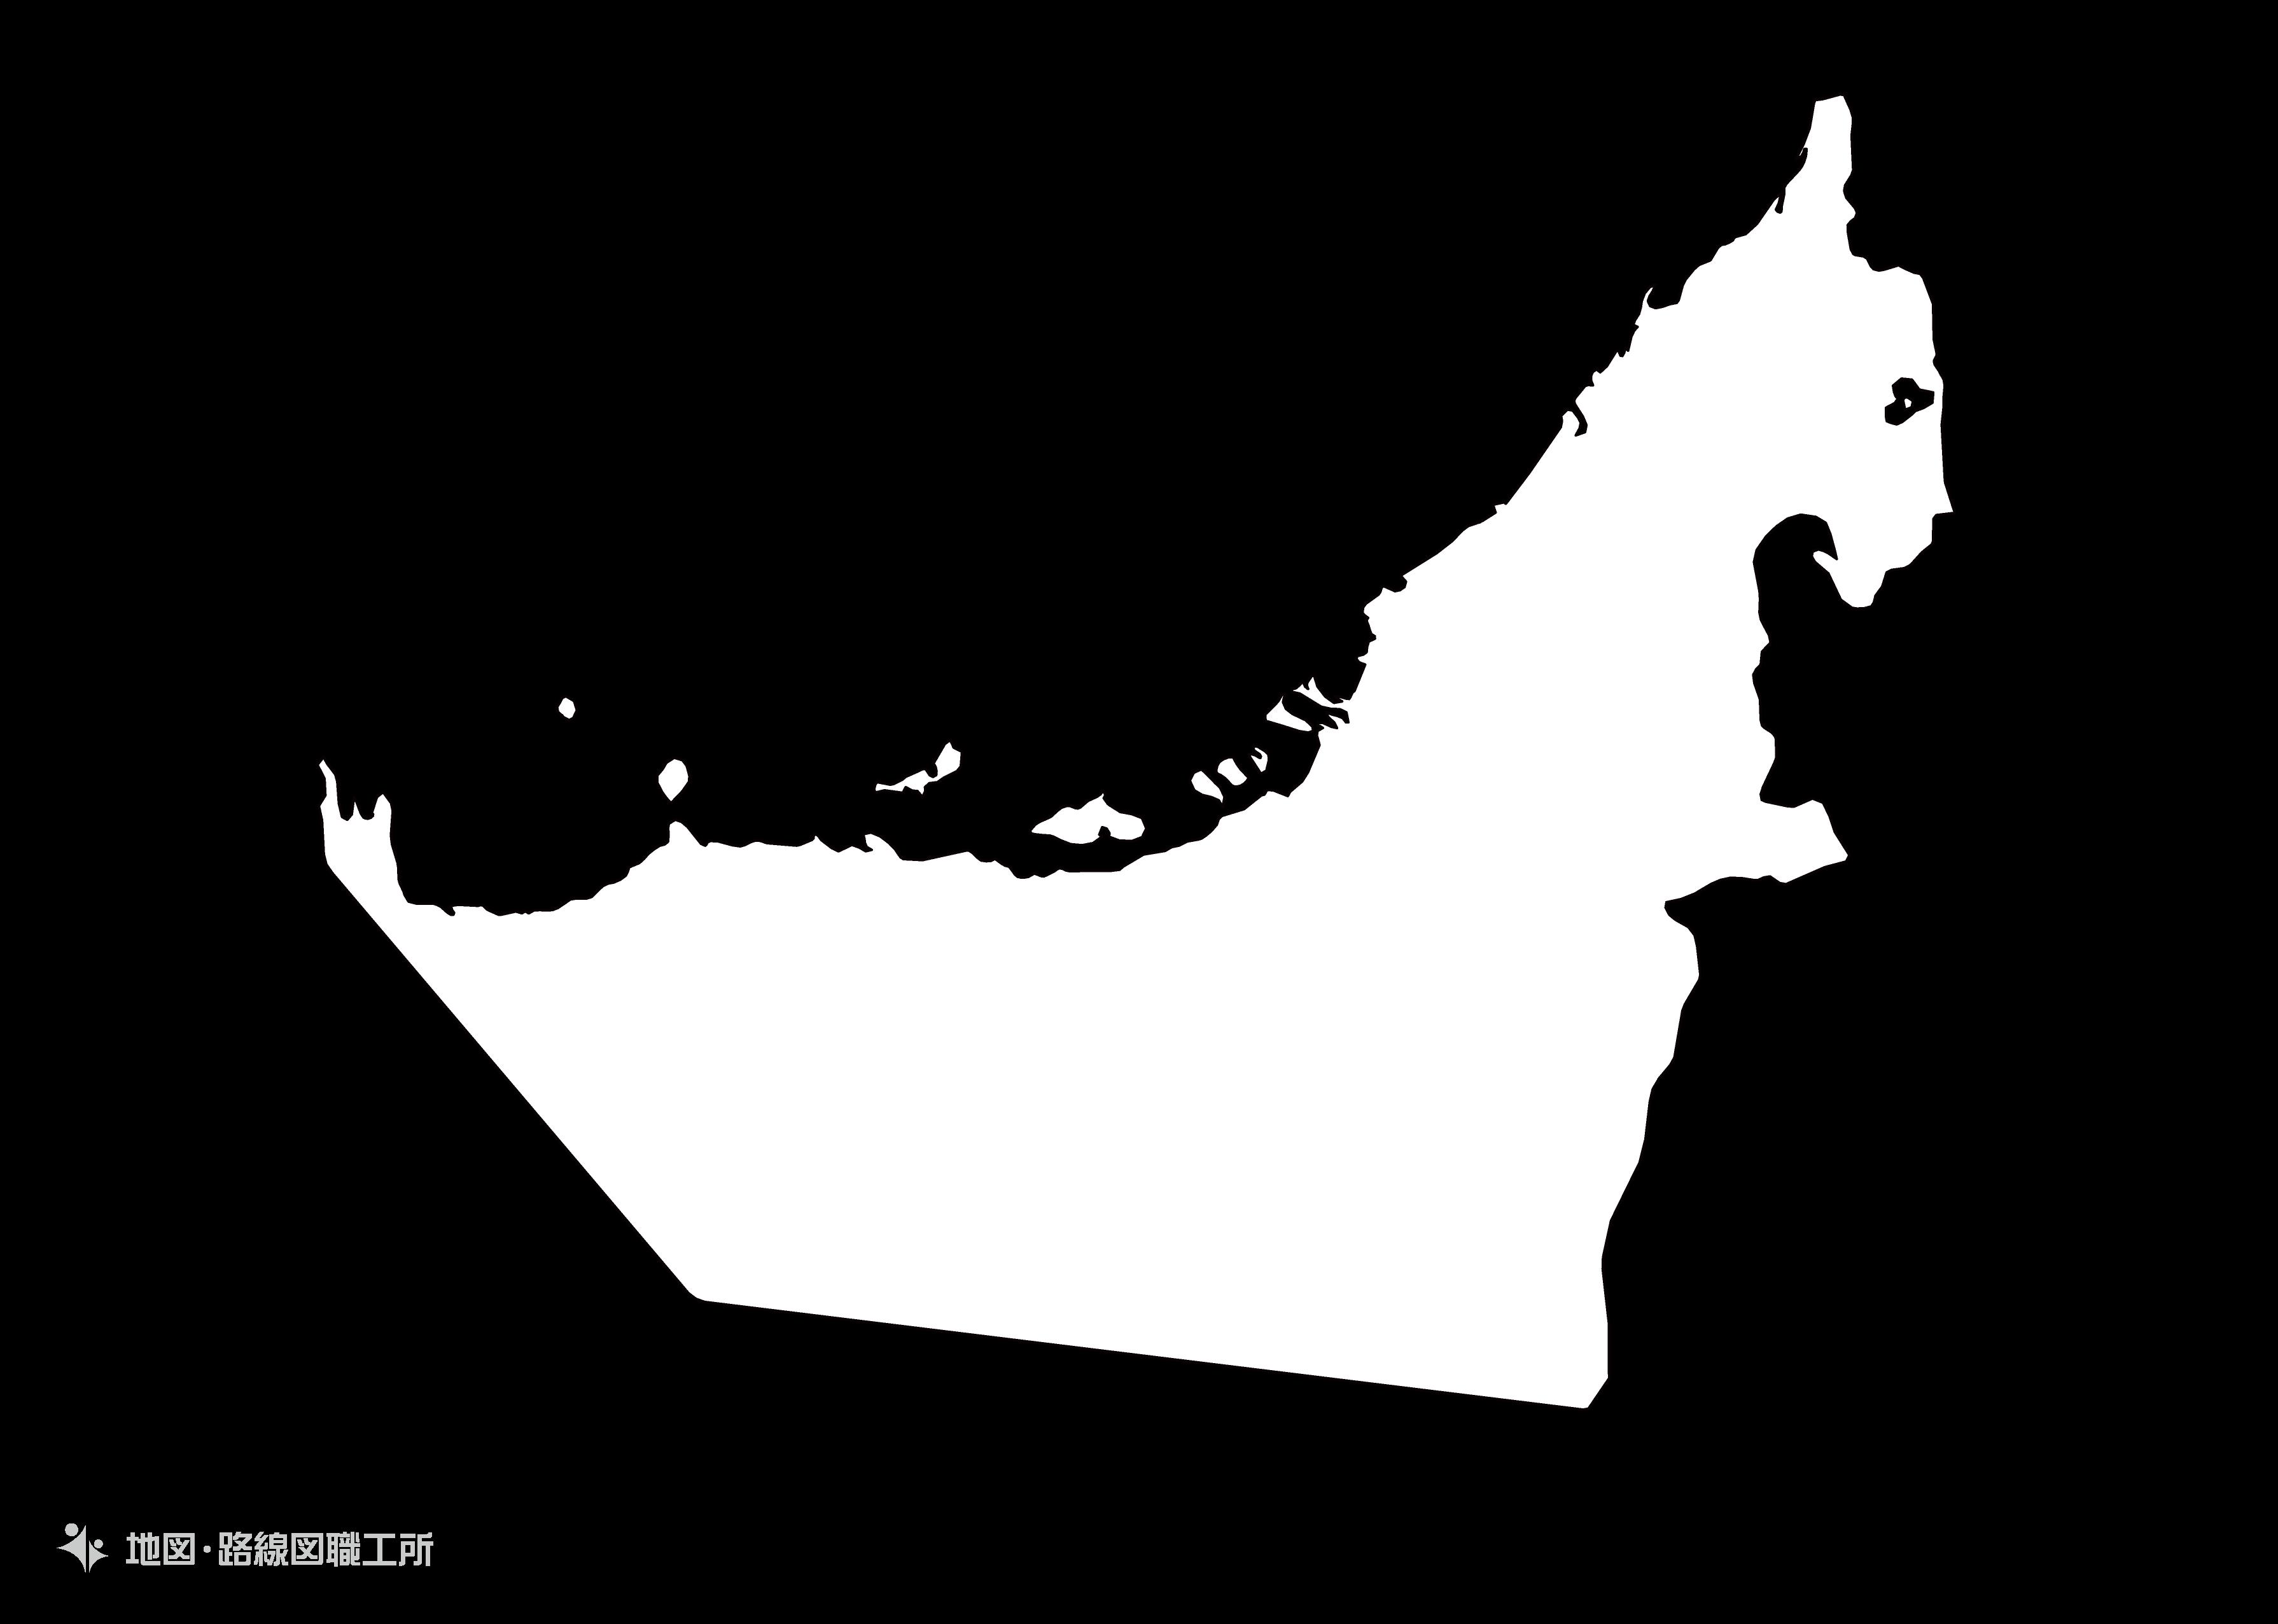 世界の白地図 アラブ首長国連邦 united-arab-emirates map